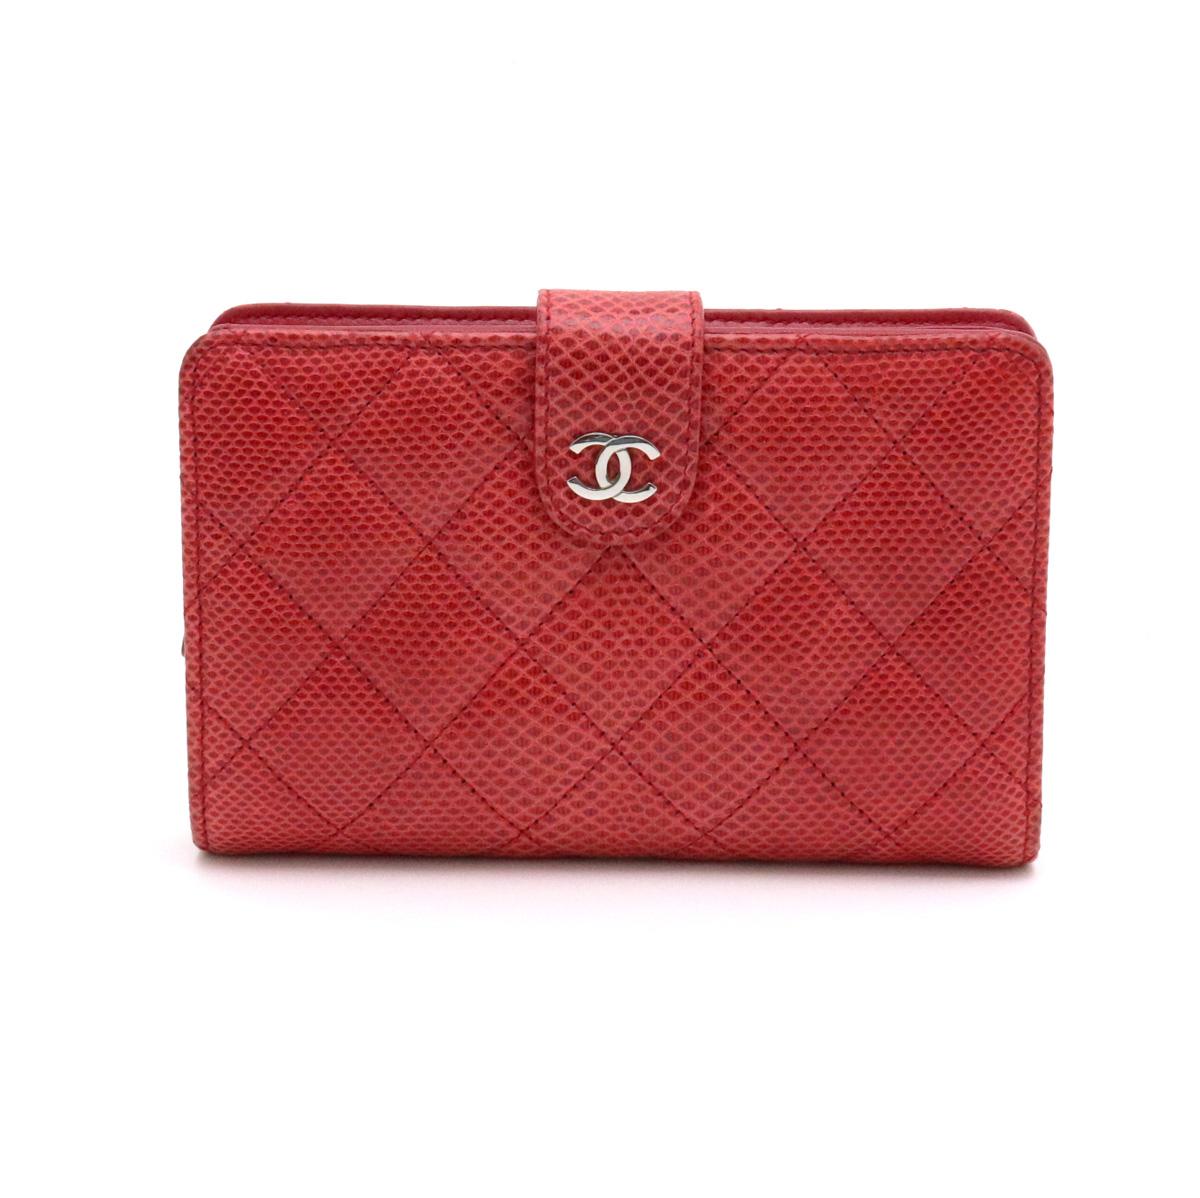 【財布】CHANEL シャネル マトラッセ ココマーク 2つ折り財布 二つ折り リザード レッド 赤 シルバー金具 A48667 【中古】